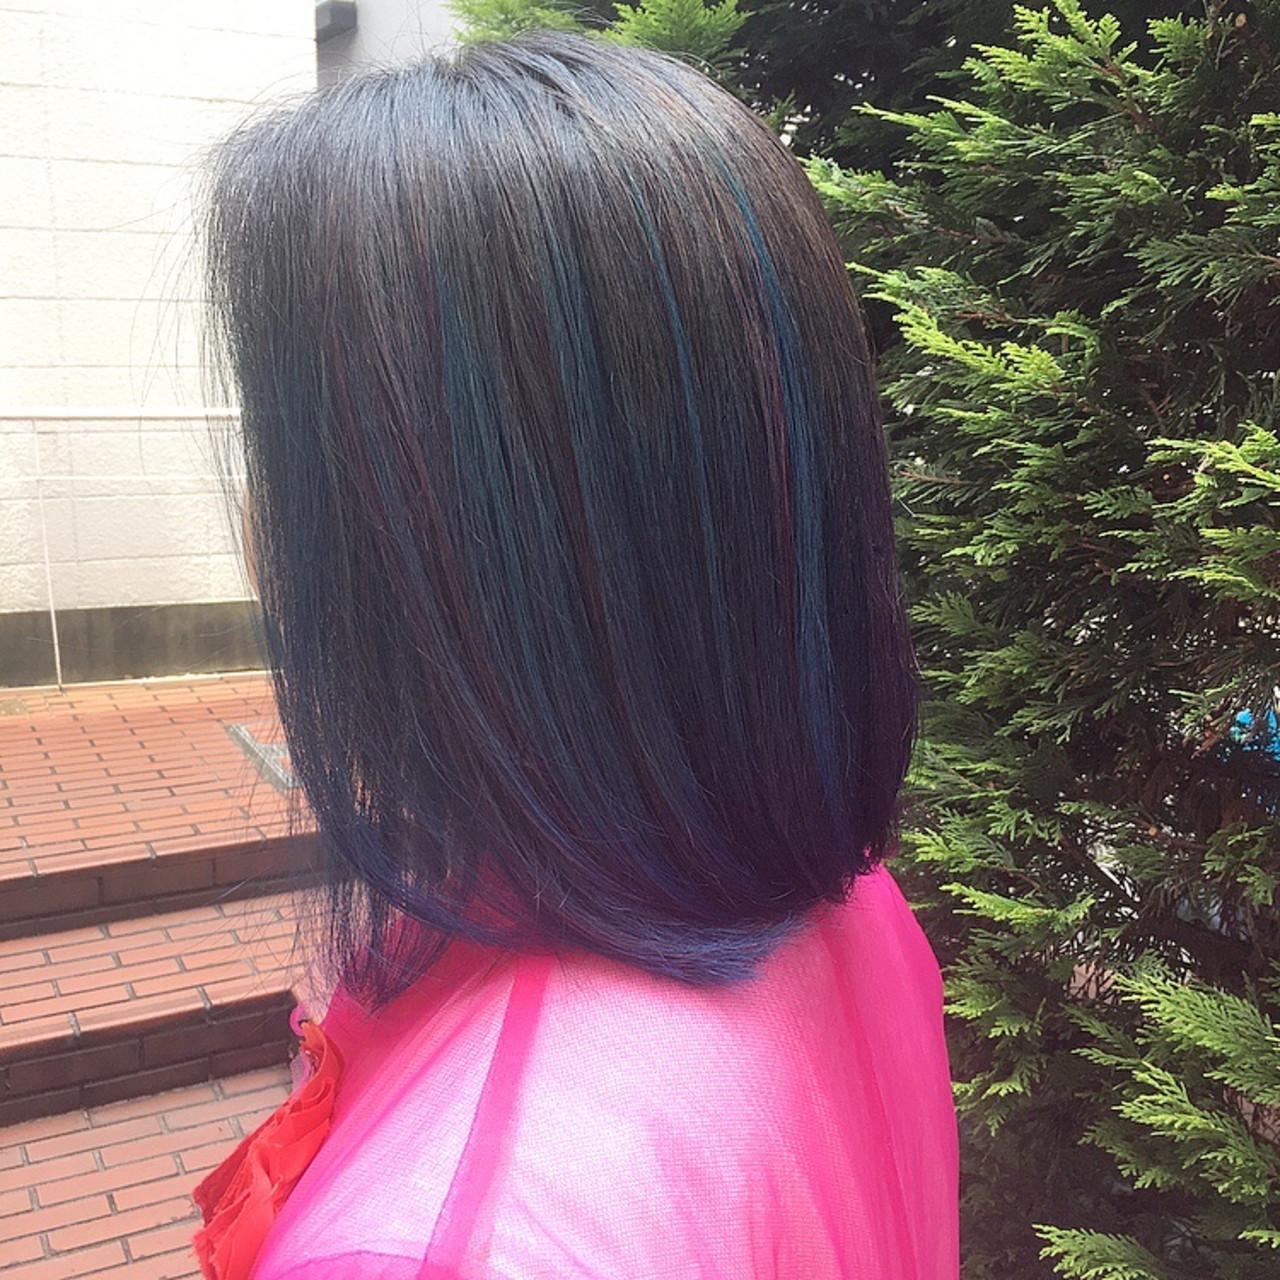 ハイライト エレガント ボブ ブルーヘアスタイルや髪型の写真・画像